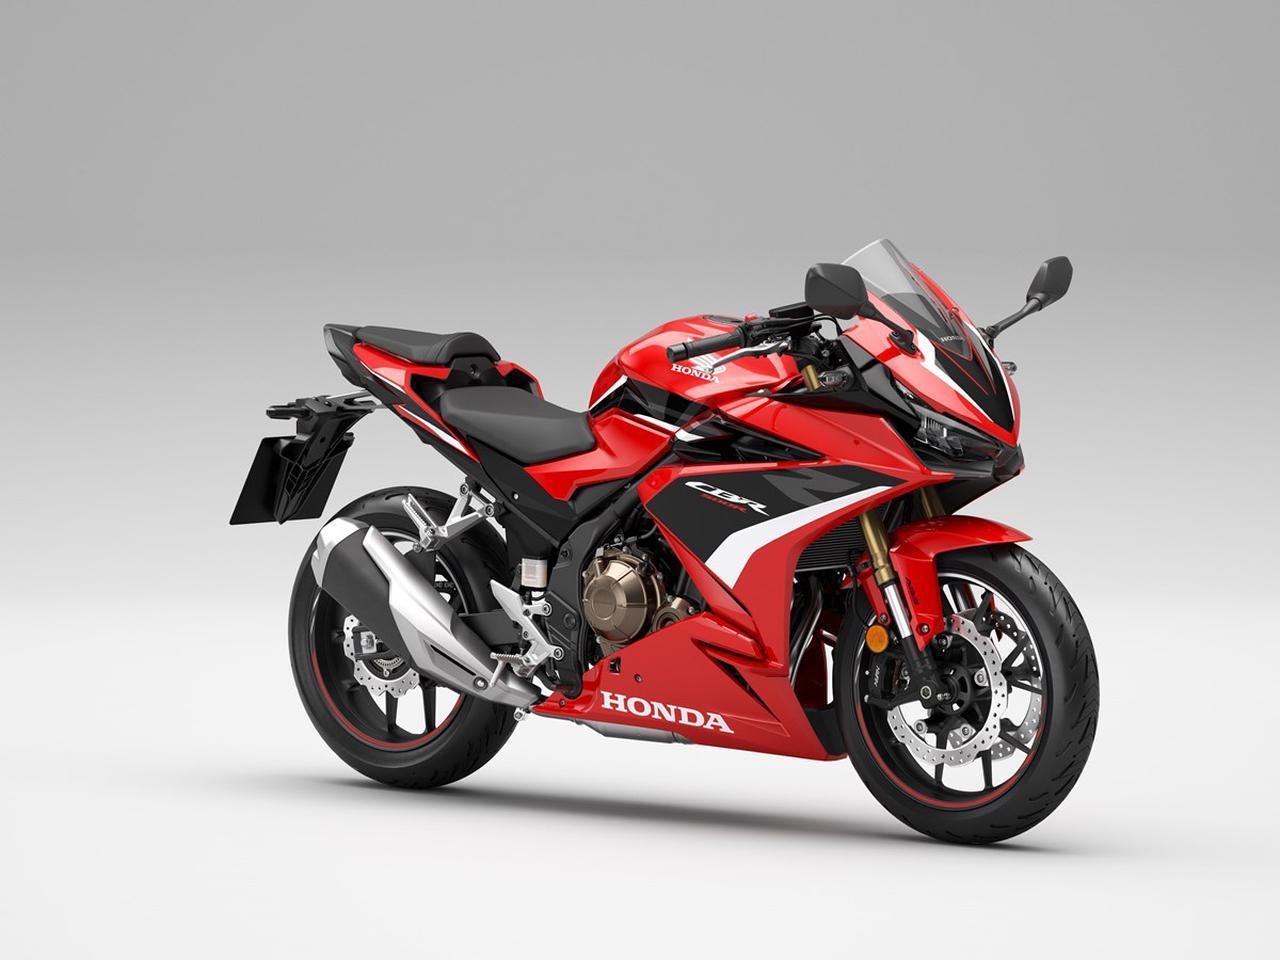 画像: Honda CBR500R 海外仕様・2022年モデル 総排気量:471cc エンジン形式:水冷4ストDOHC4バルブ並列2気筒 シート高:785mm 車両重量:192kg